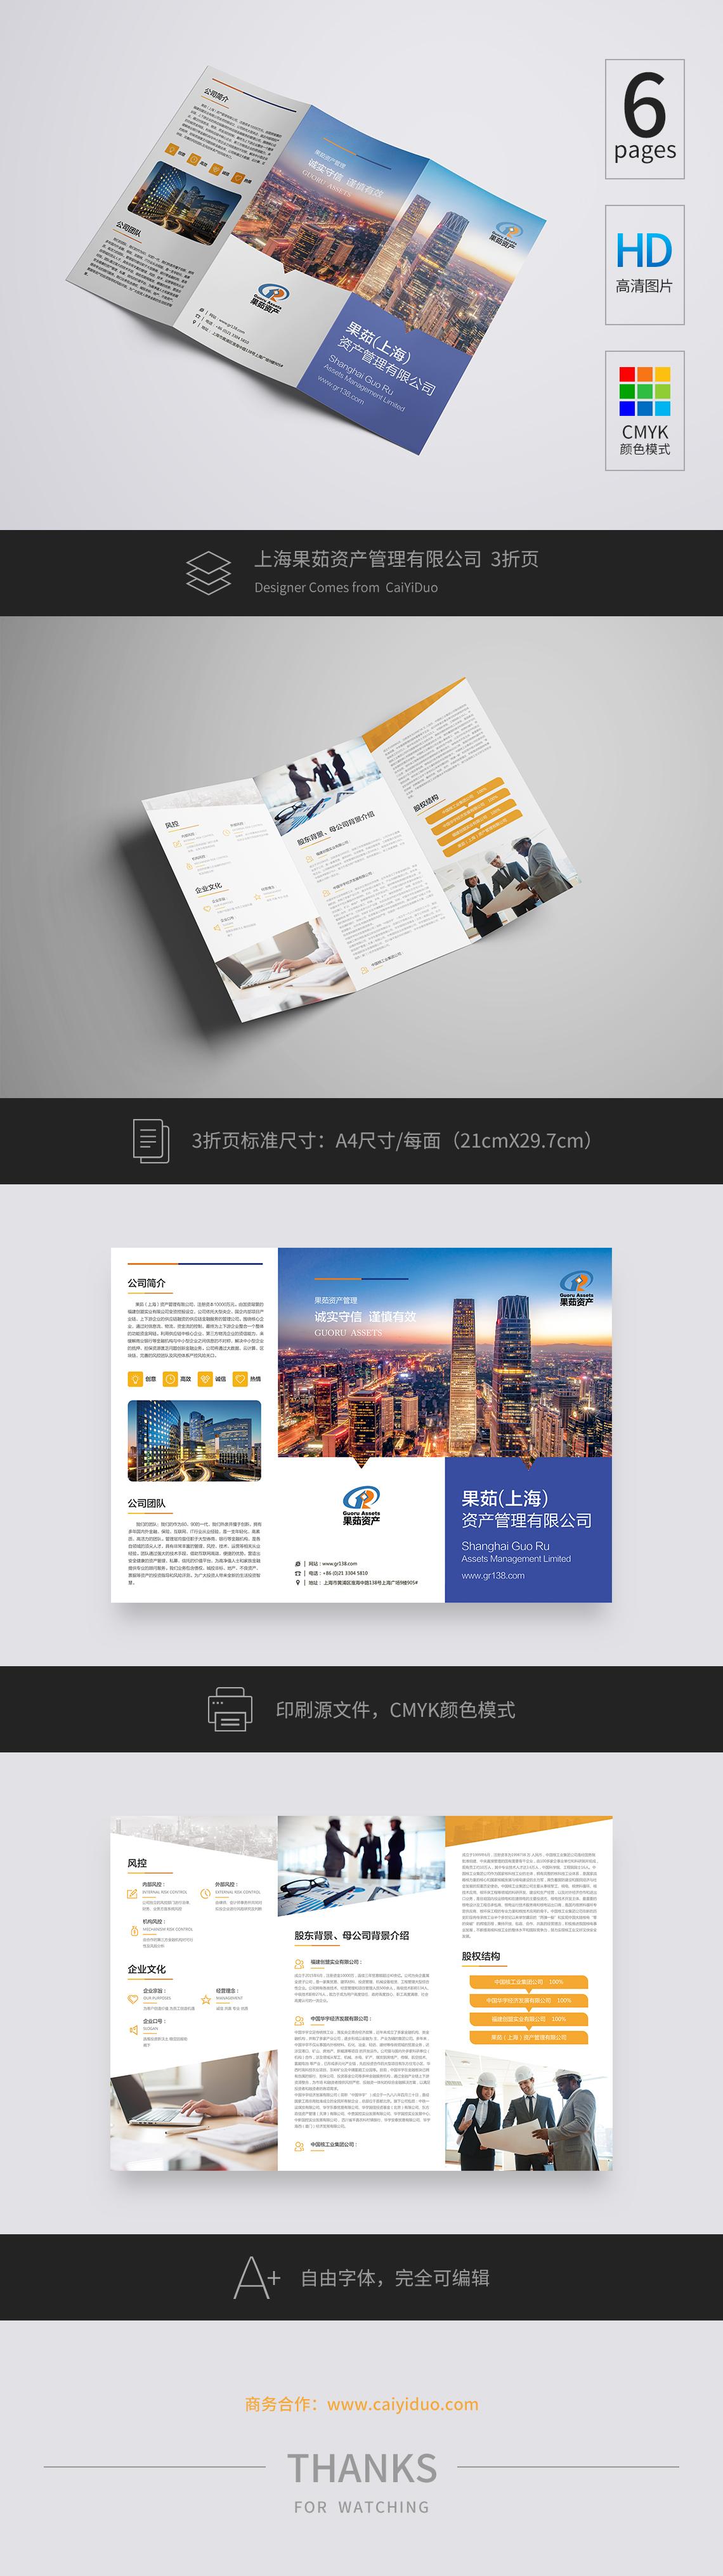 公司案例平面印刷品2018-4上海果茹资产管理有限公司3折页